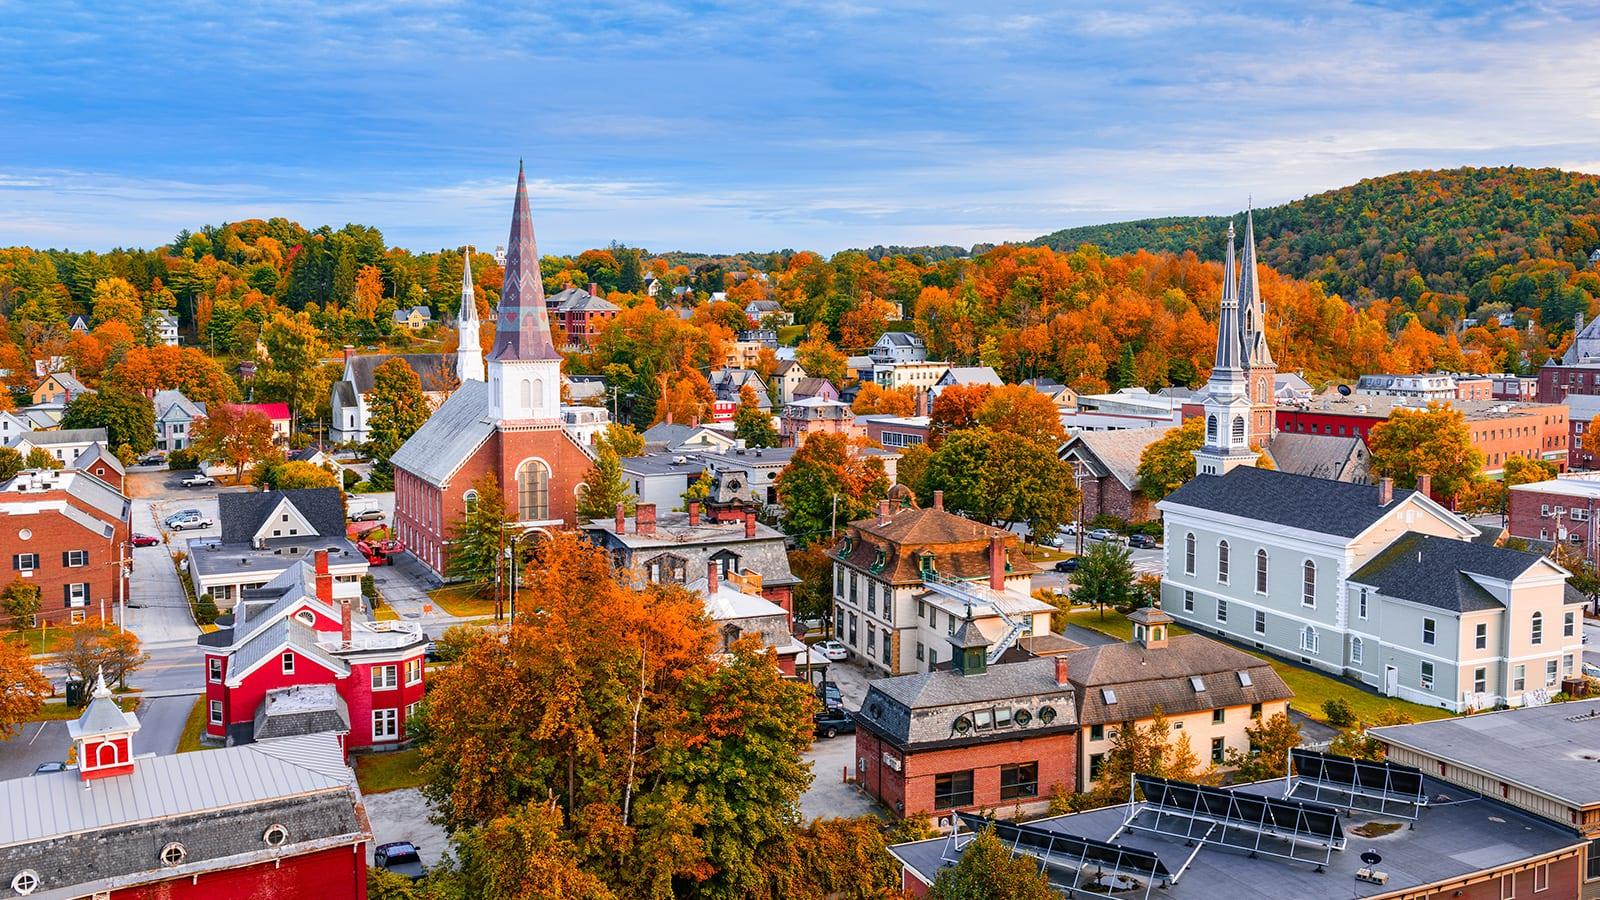 Monticello, Vermont cityscape